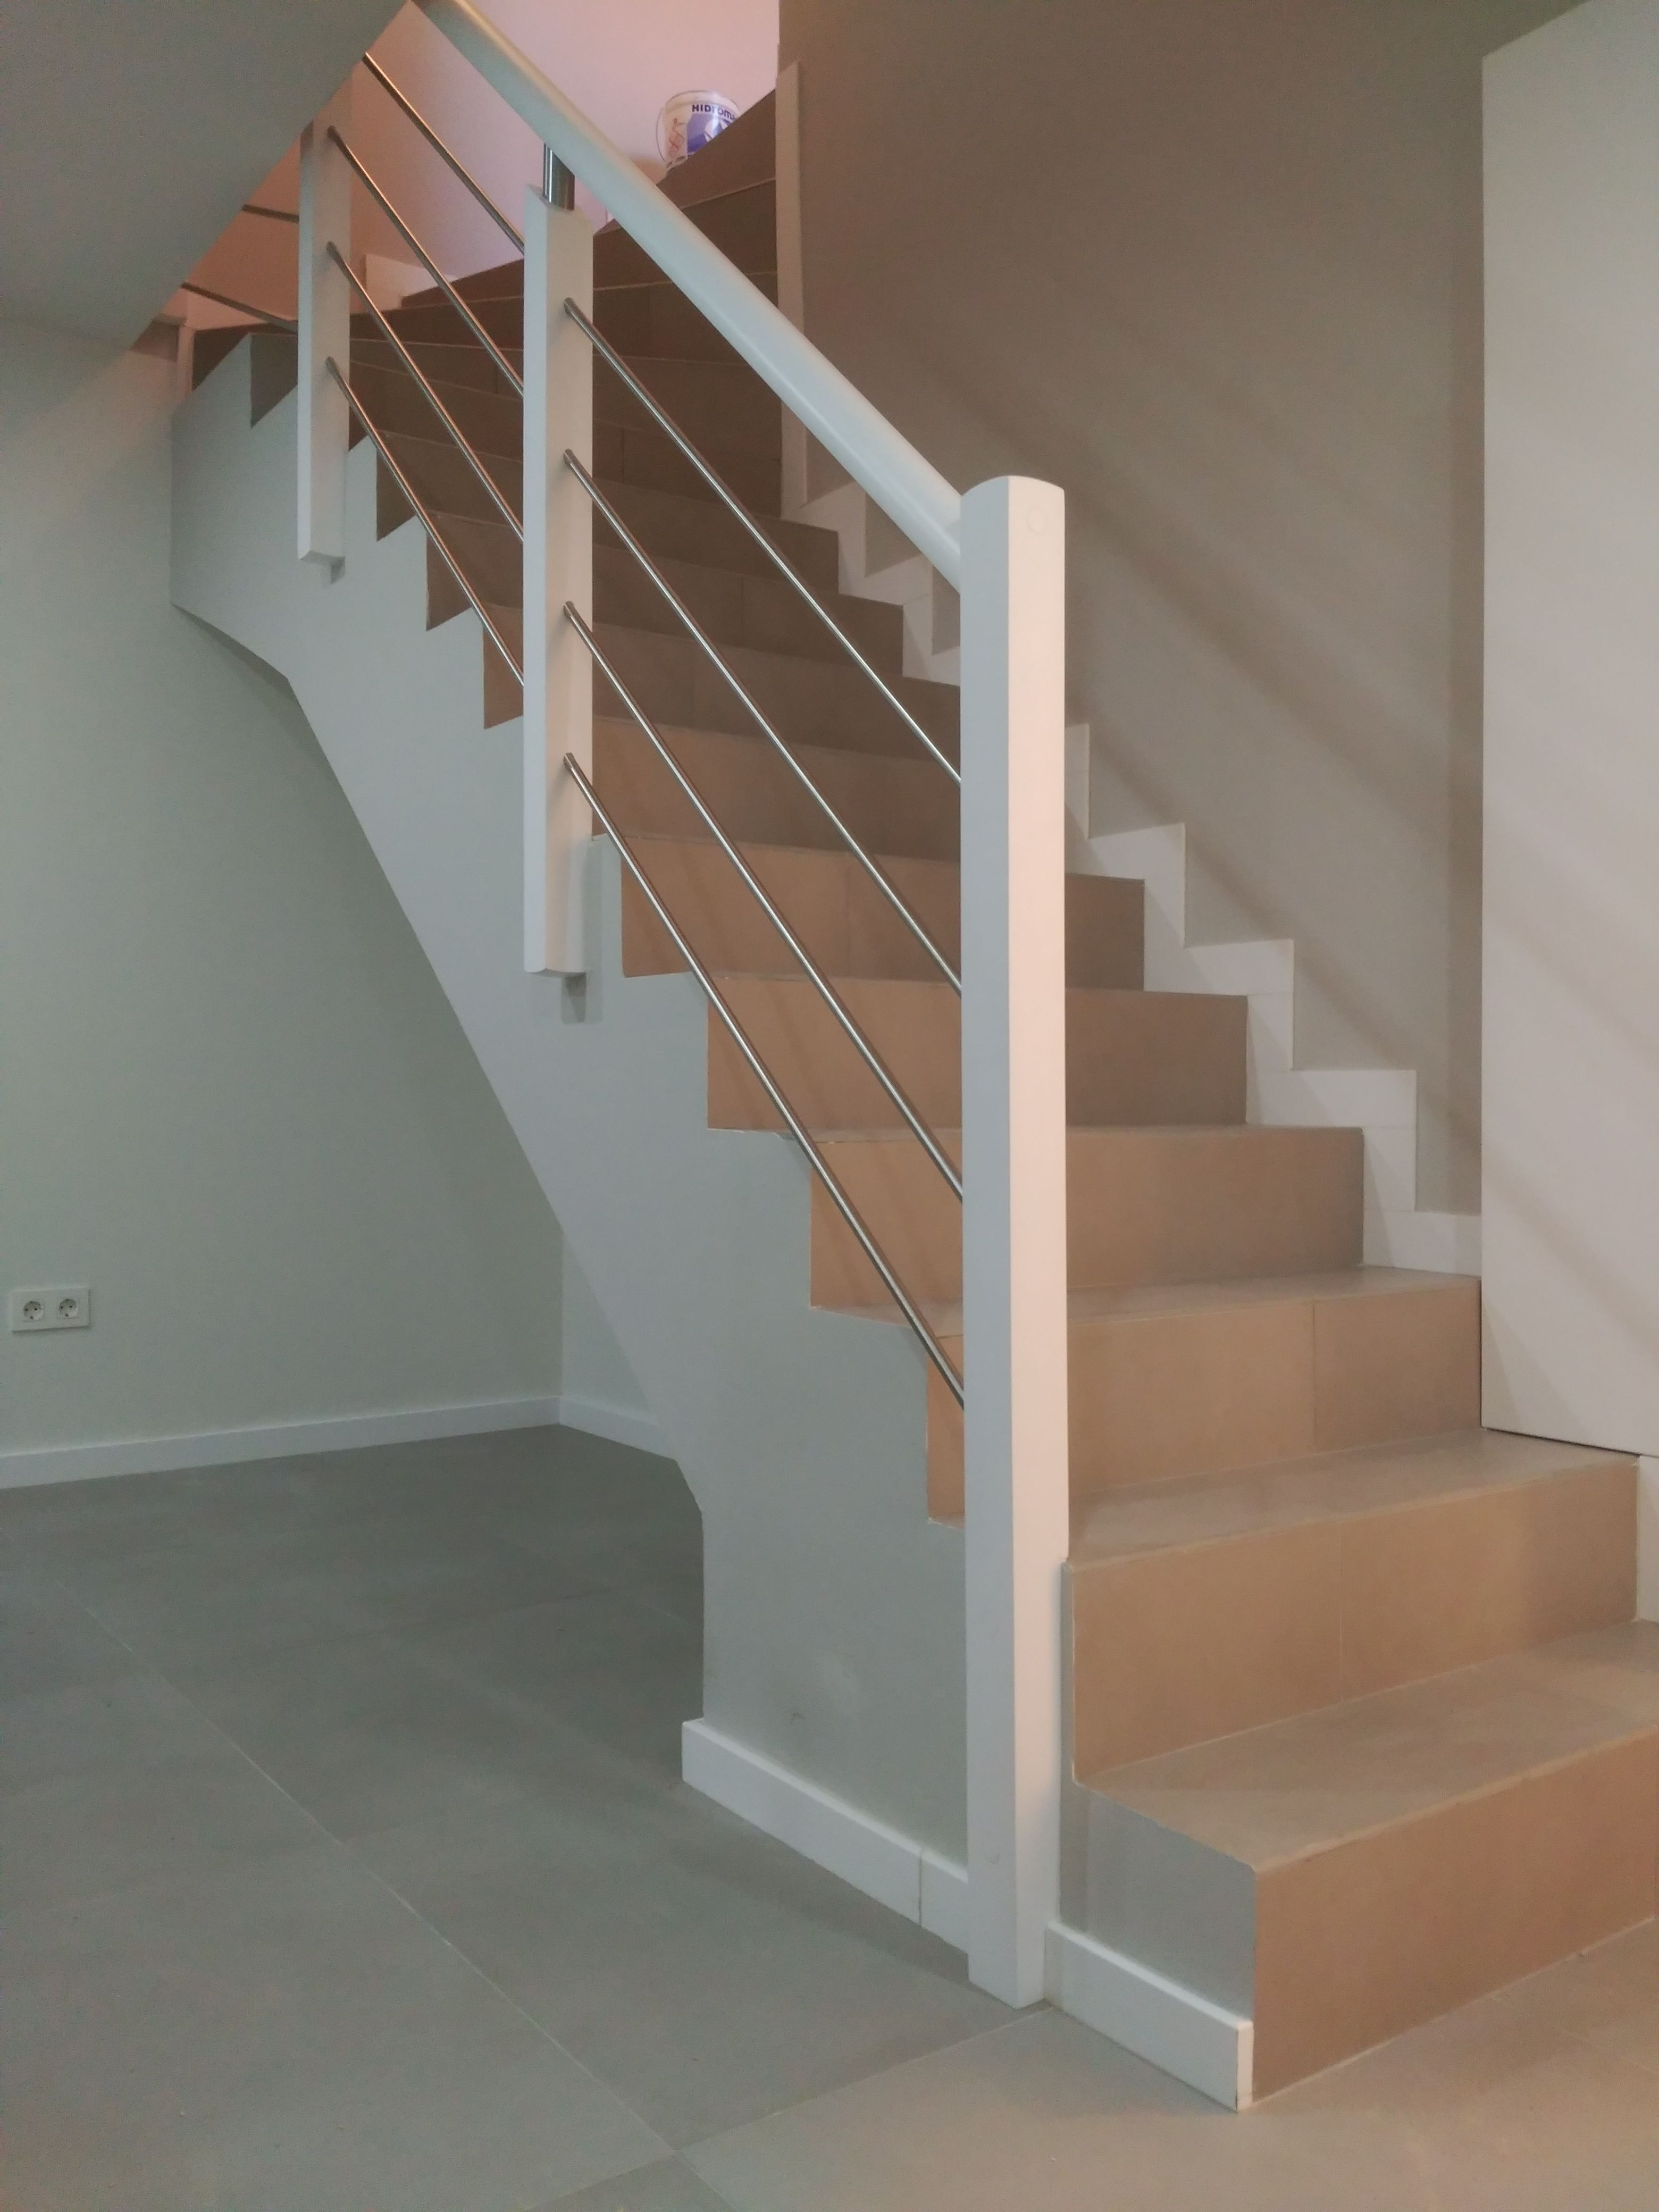 Barandilla para escalera de obra barandillas for Imagenes escaleras interiores